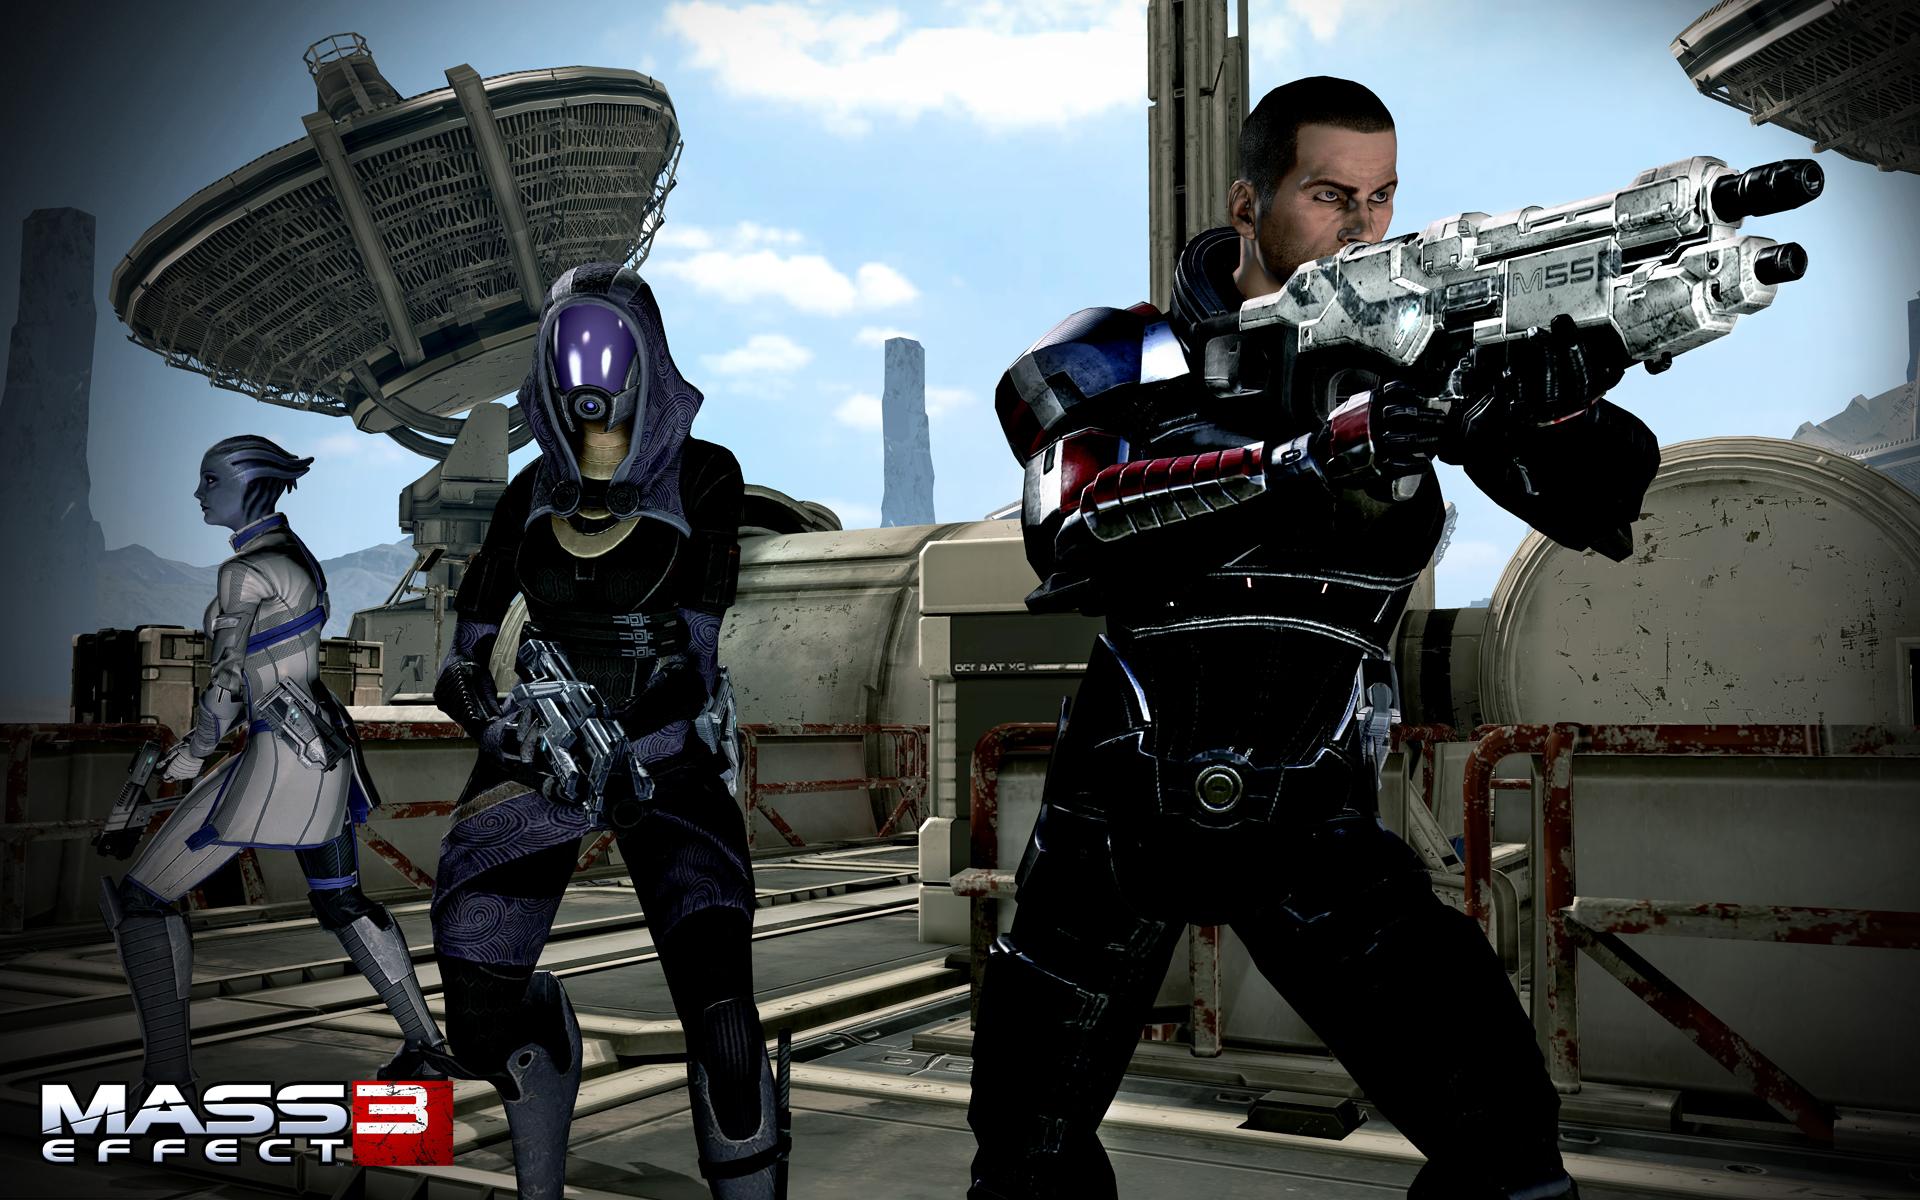 Mass Effect 3 - Shepard Tali Argus